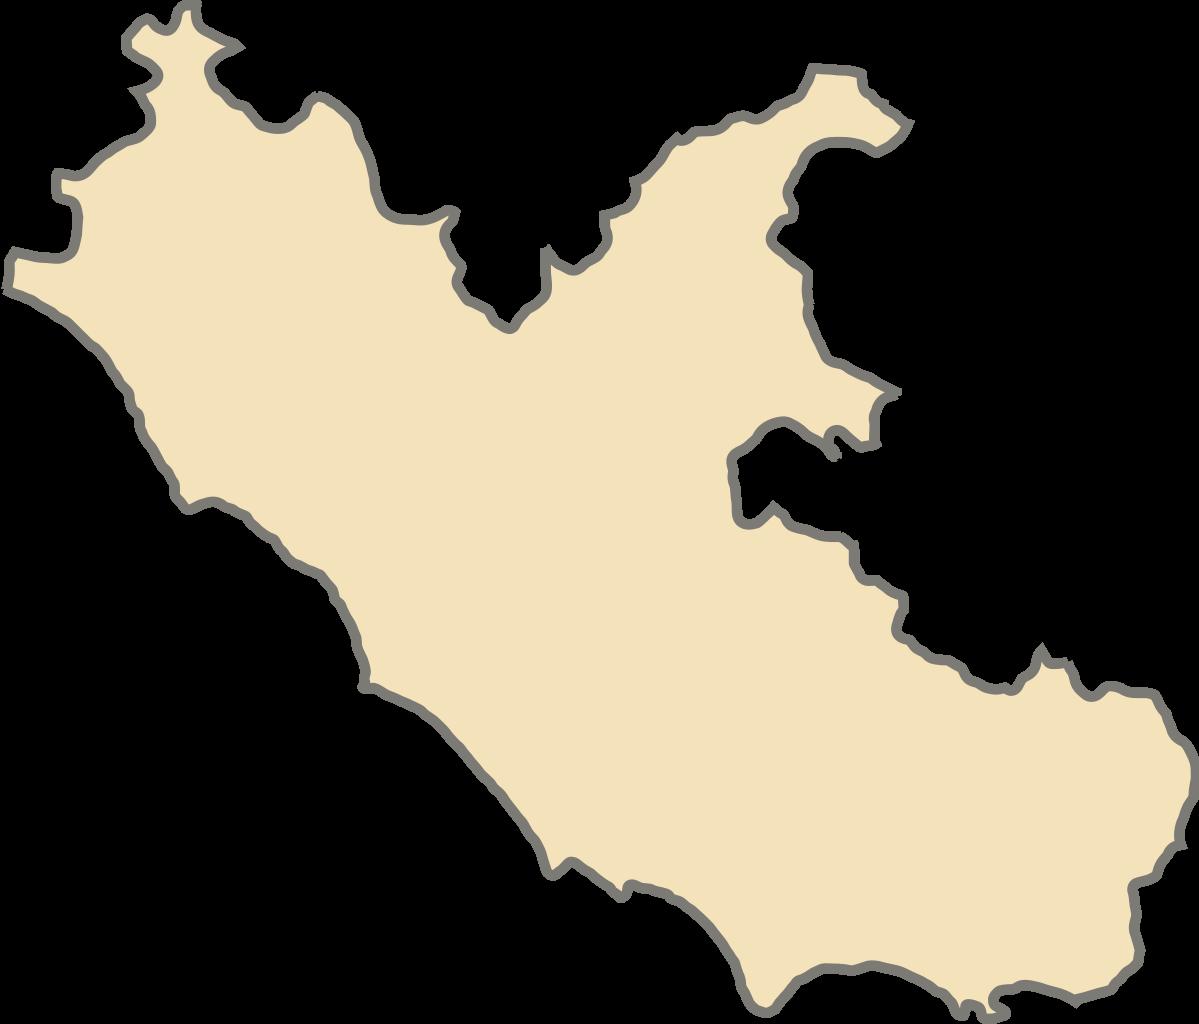 Regione_thumb_Lazio.png